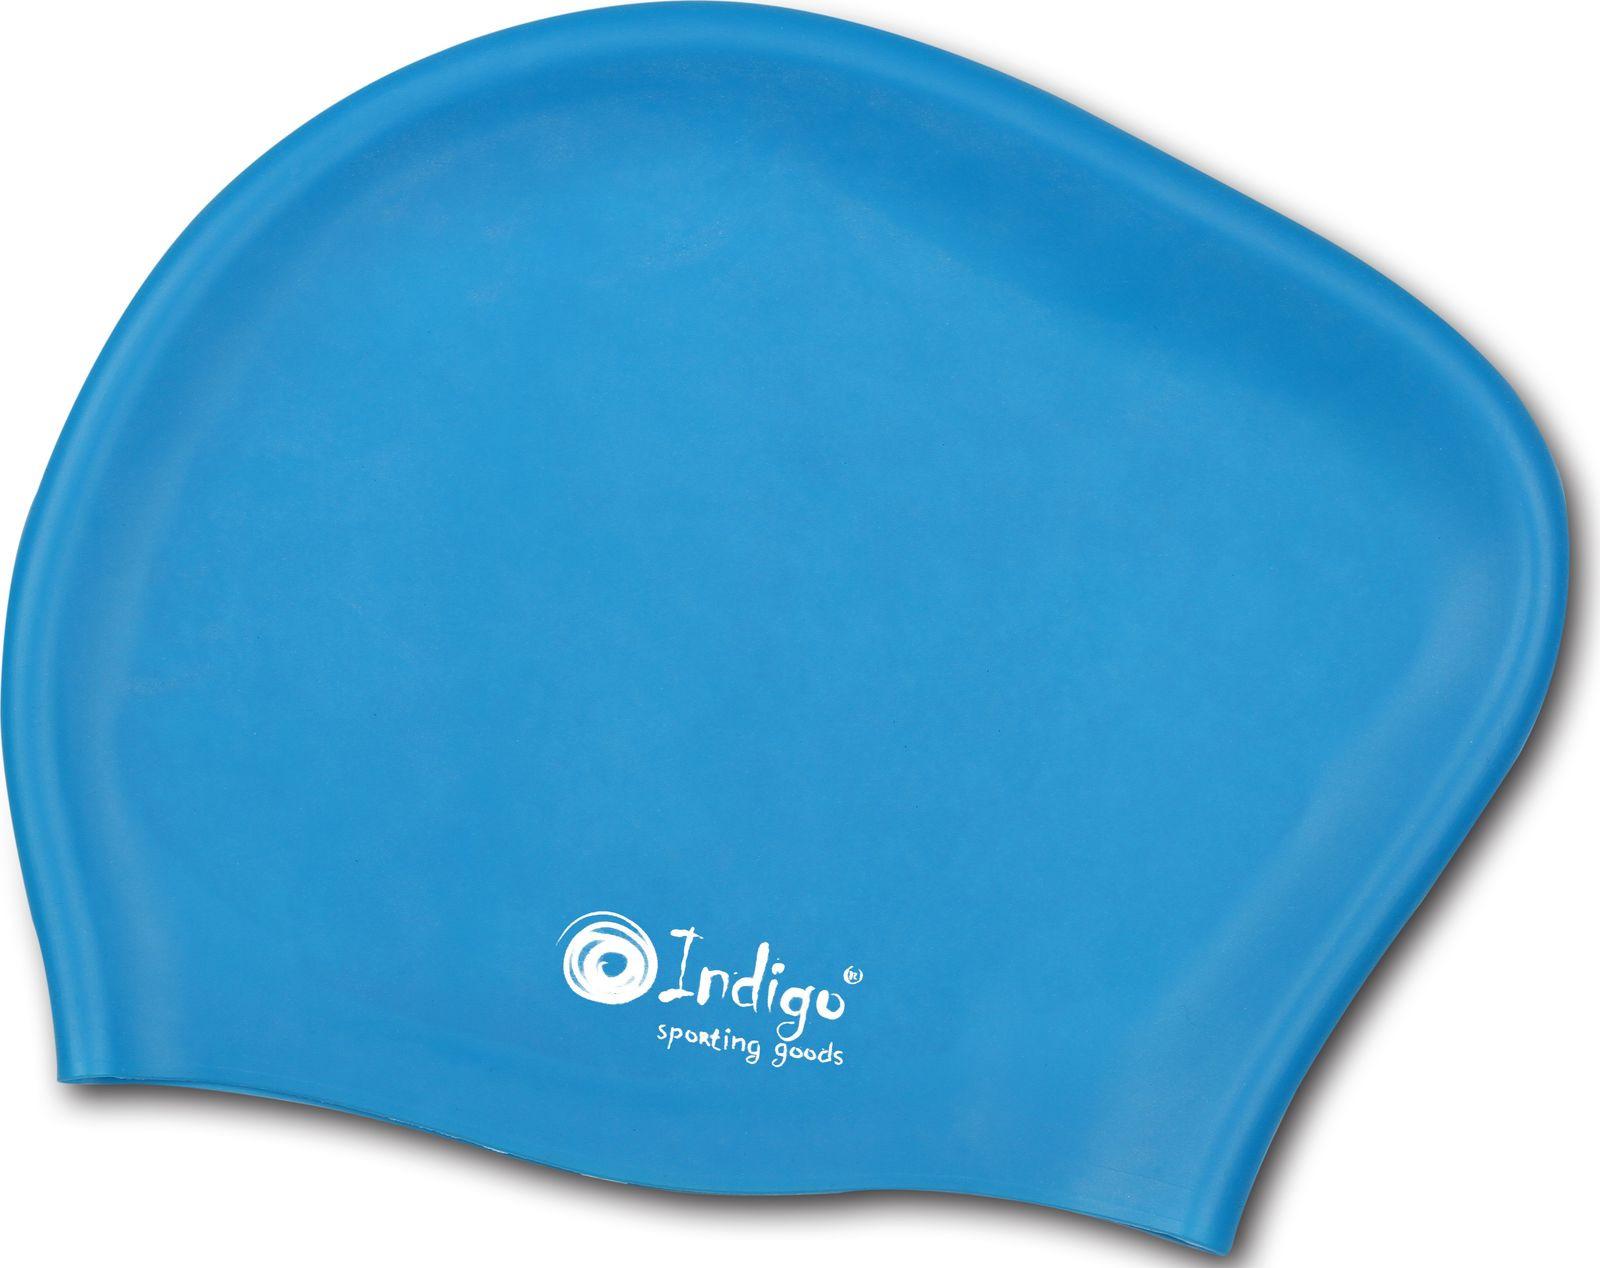 Шапочка для плавания Indigo, 808 SC, голубой808 SCШапочка для бассейна Indigo Silicone предназначена для пловцов с длинными волосами, плотно облегает голову, подходит для спортивного плавания. Шапочка защищает волосы от намокания, позволяя волосам оставаться относительно сухими. Волосы, убранные под плавательную шапочку, не лезут в глаза и не отвлекают от тренировок. Очень важно, что эти плавательные шапочки гипоаллергенные - не могут вызвать аллергию. Еще один несравнимый плюс - силиконовые плавательные шапочки являются очень эластичными, легче одеваются и не доставляют практически никаких неудобств. Рассчитана на долгий срок службы.